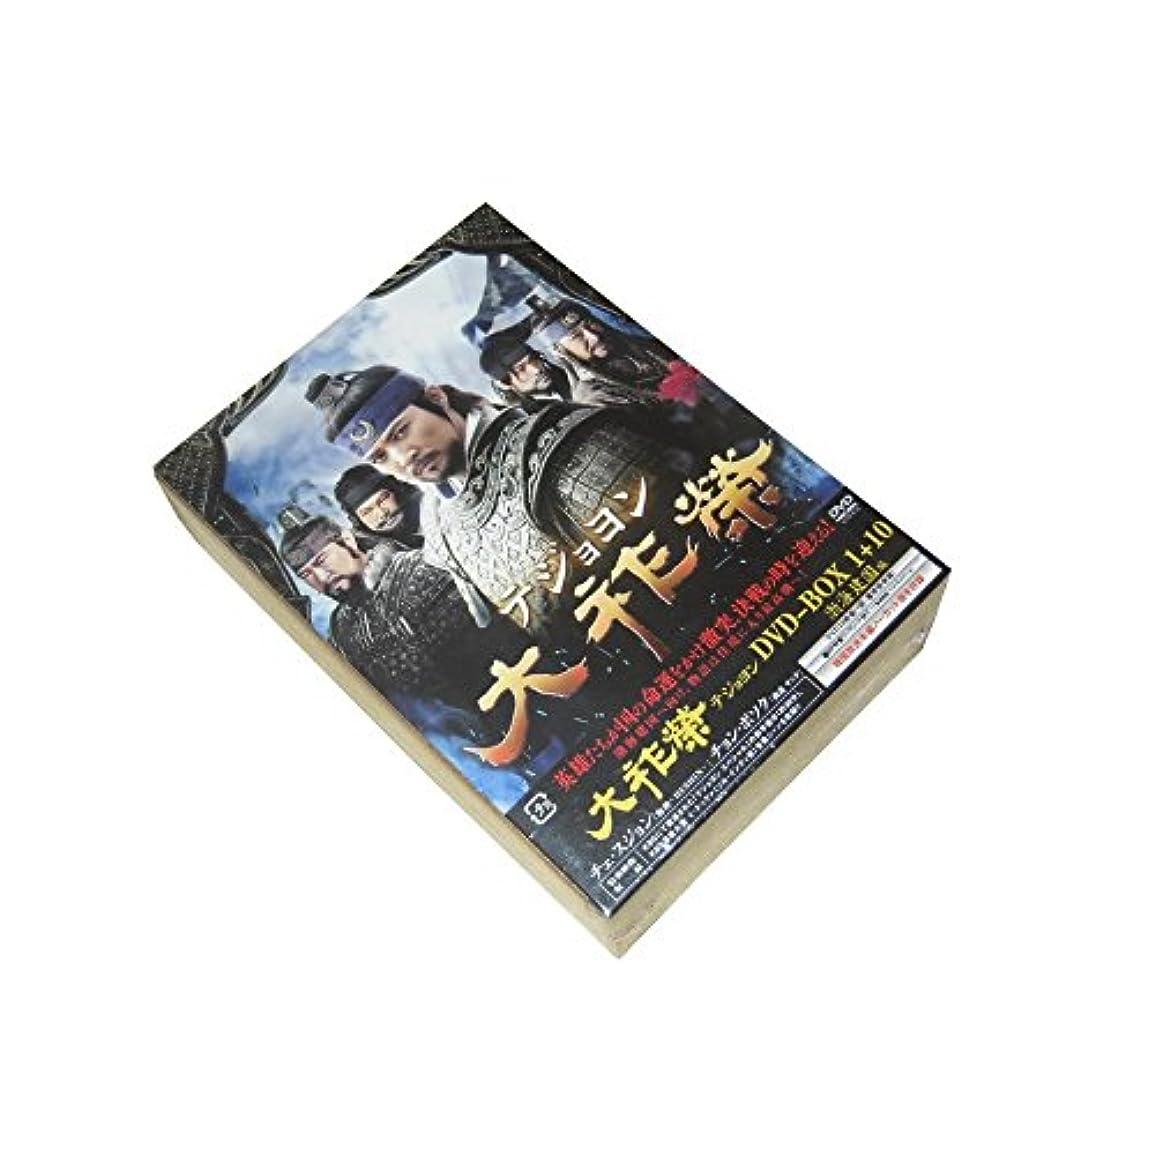 大祚榮 テジョヨン BOX 1+10 2008 主演: チェ?スジョン